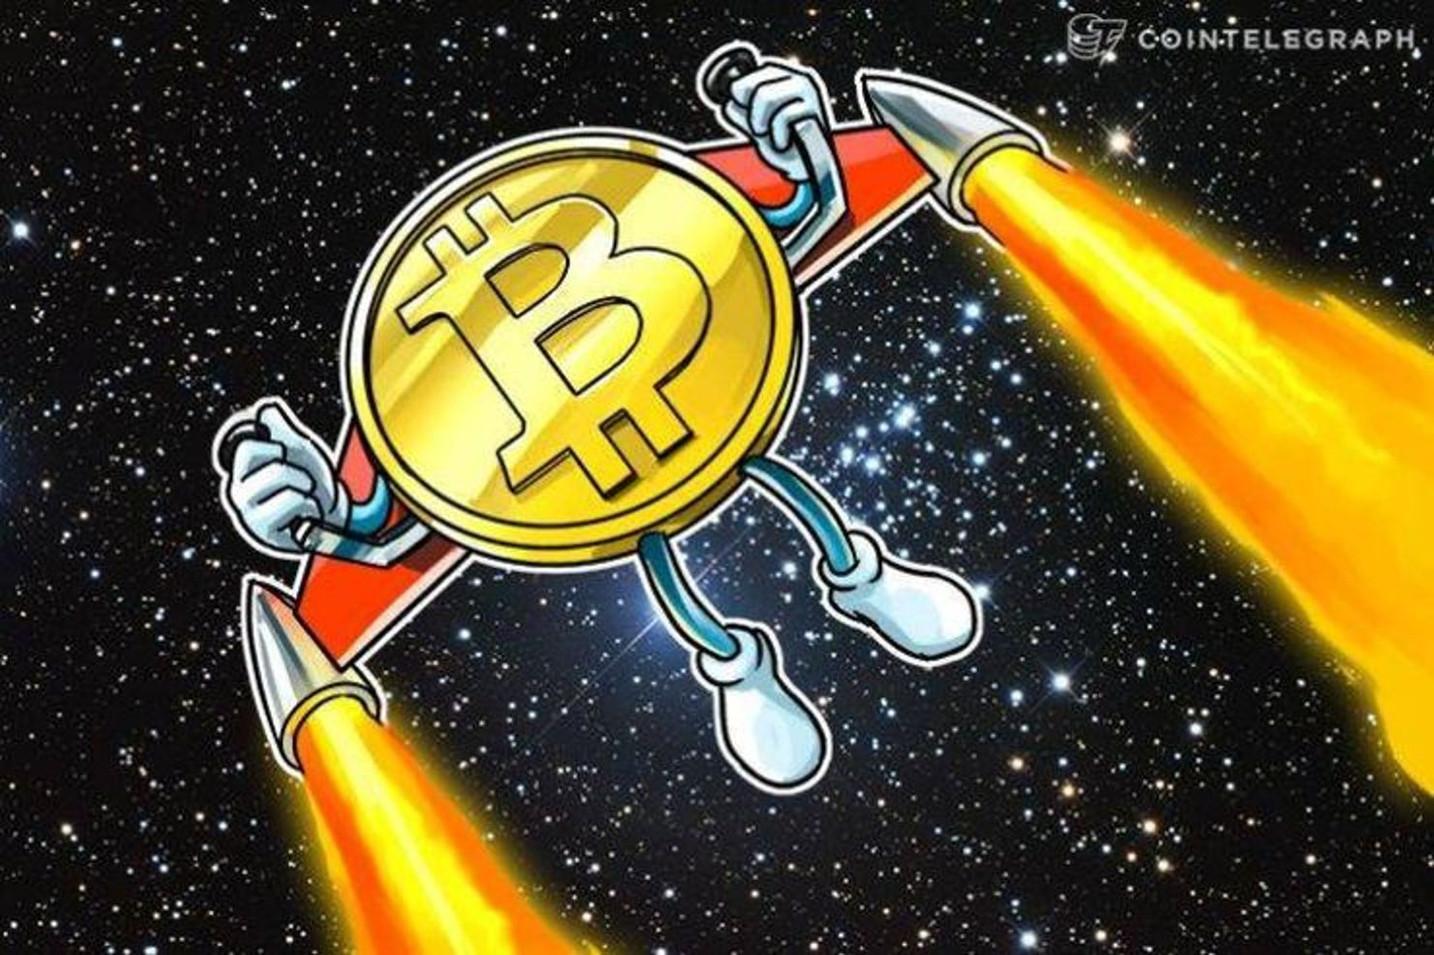 ビットコイン(BTC)10万ドル予測が出現! 根拠は「仮想通貨ネットワークの価値」